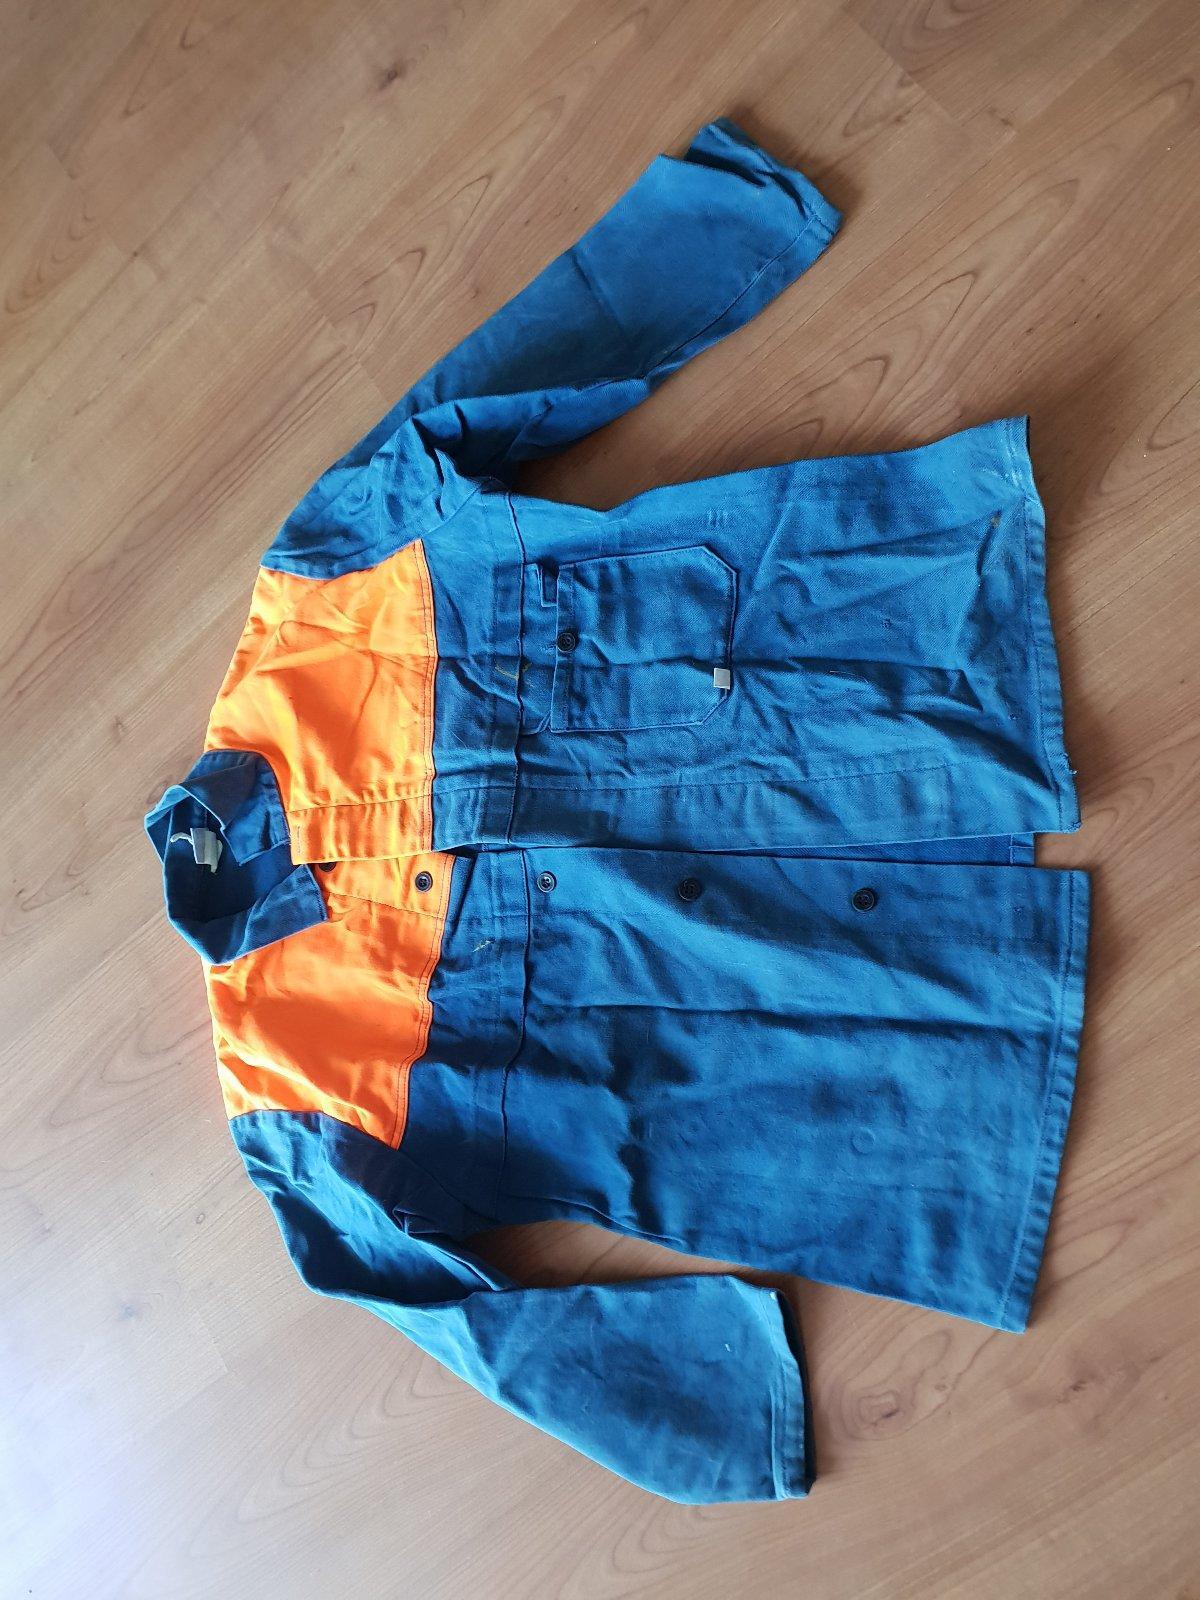 Monterkova bluza č. 54 - Obrázok č. 1